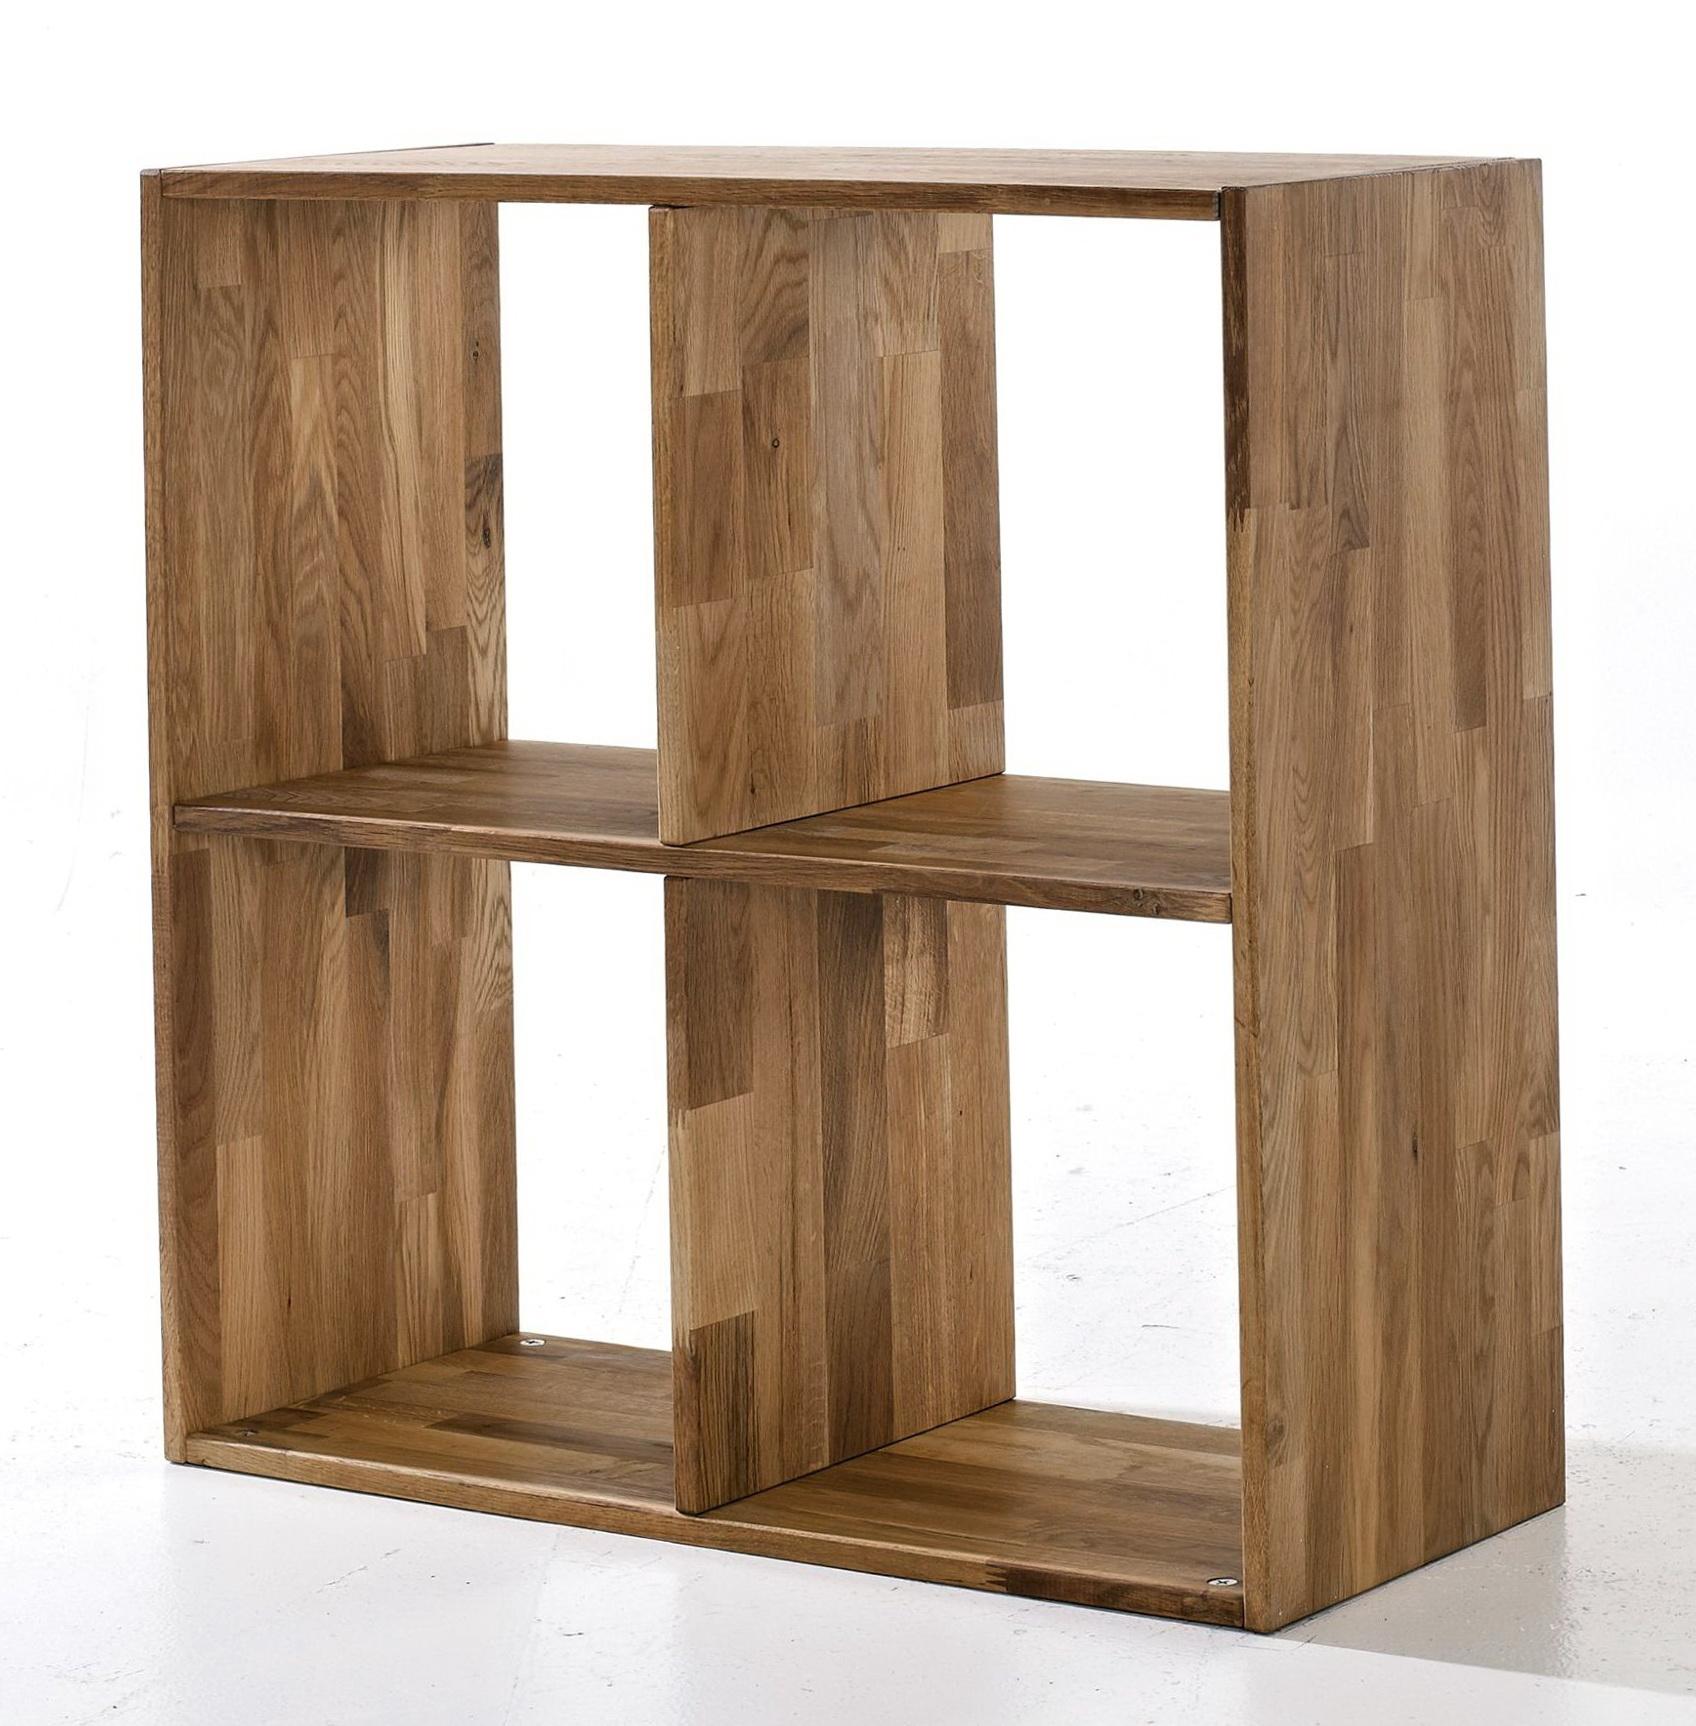 Oak Cube Wall Shelves